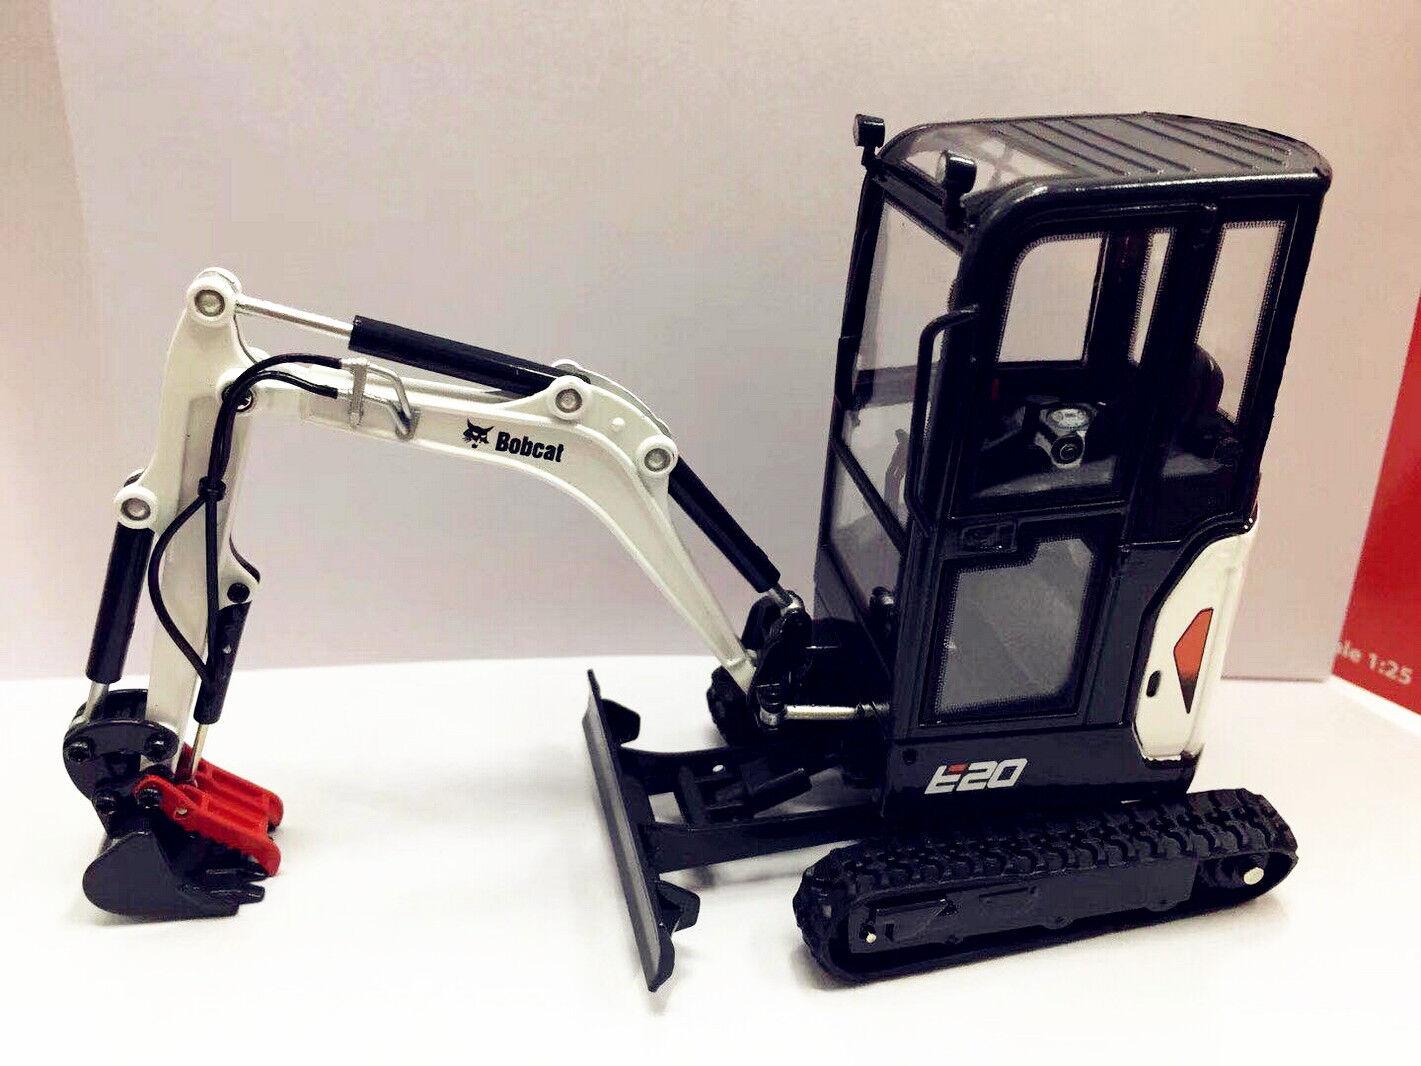 Equipo Bobcat 1 25 25 25 Modelo E20 excavadora compacta Diecast Universal Hobbies 8098 dfd41e